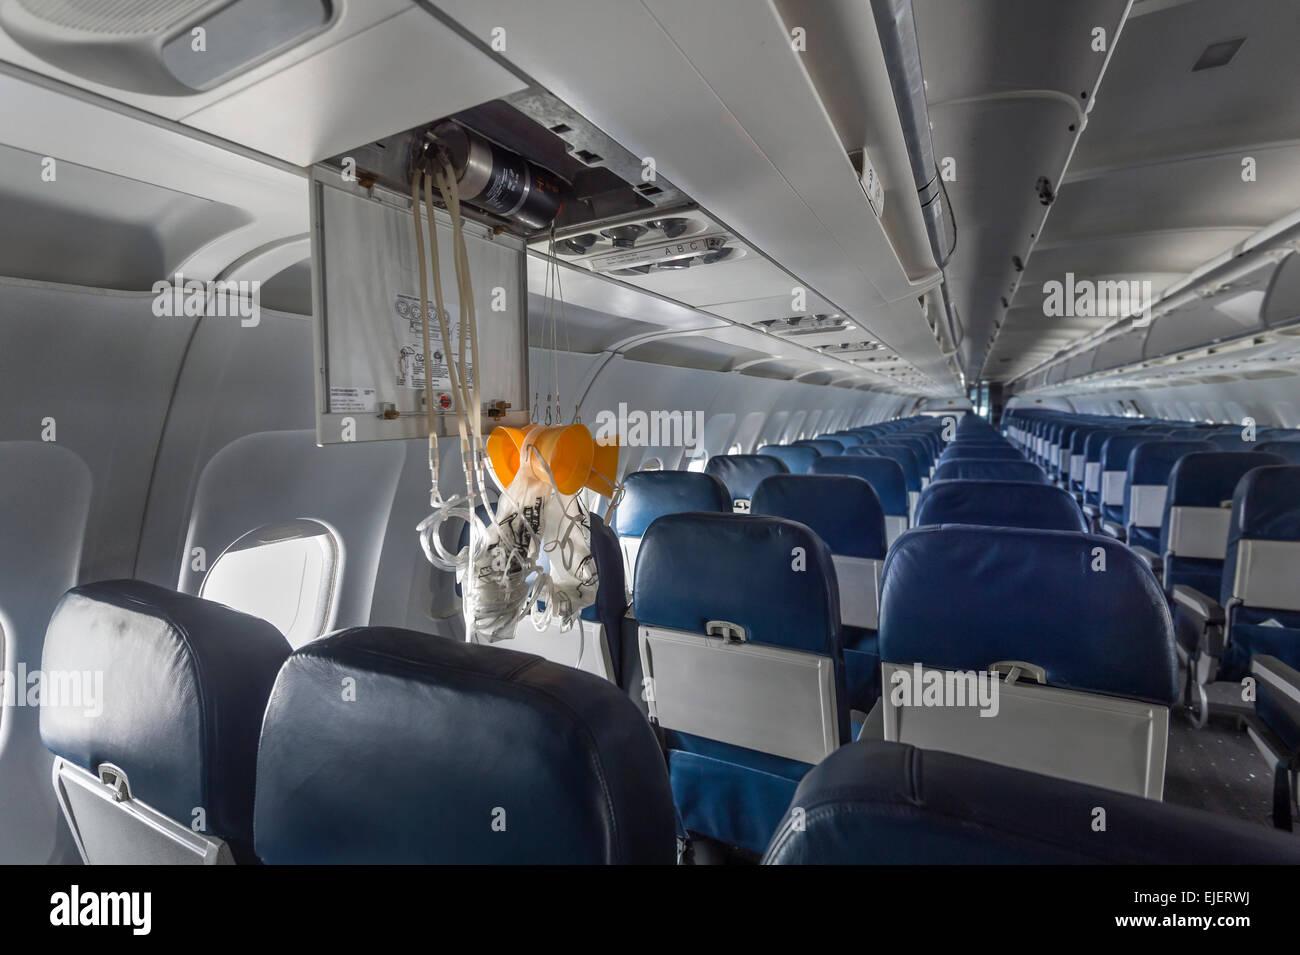 Oxygen Masks, Airplane Interior